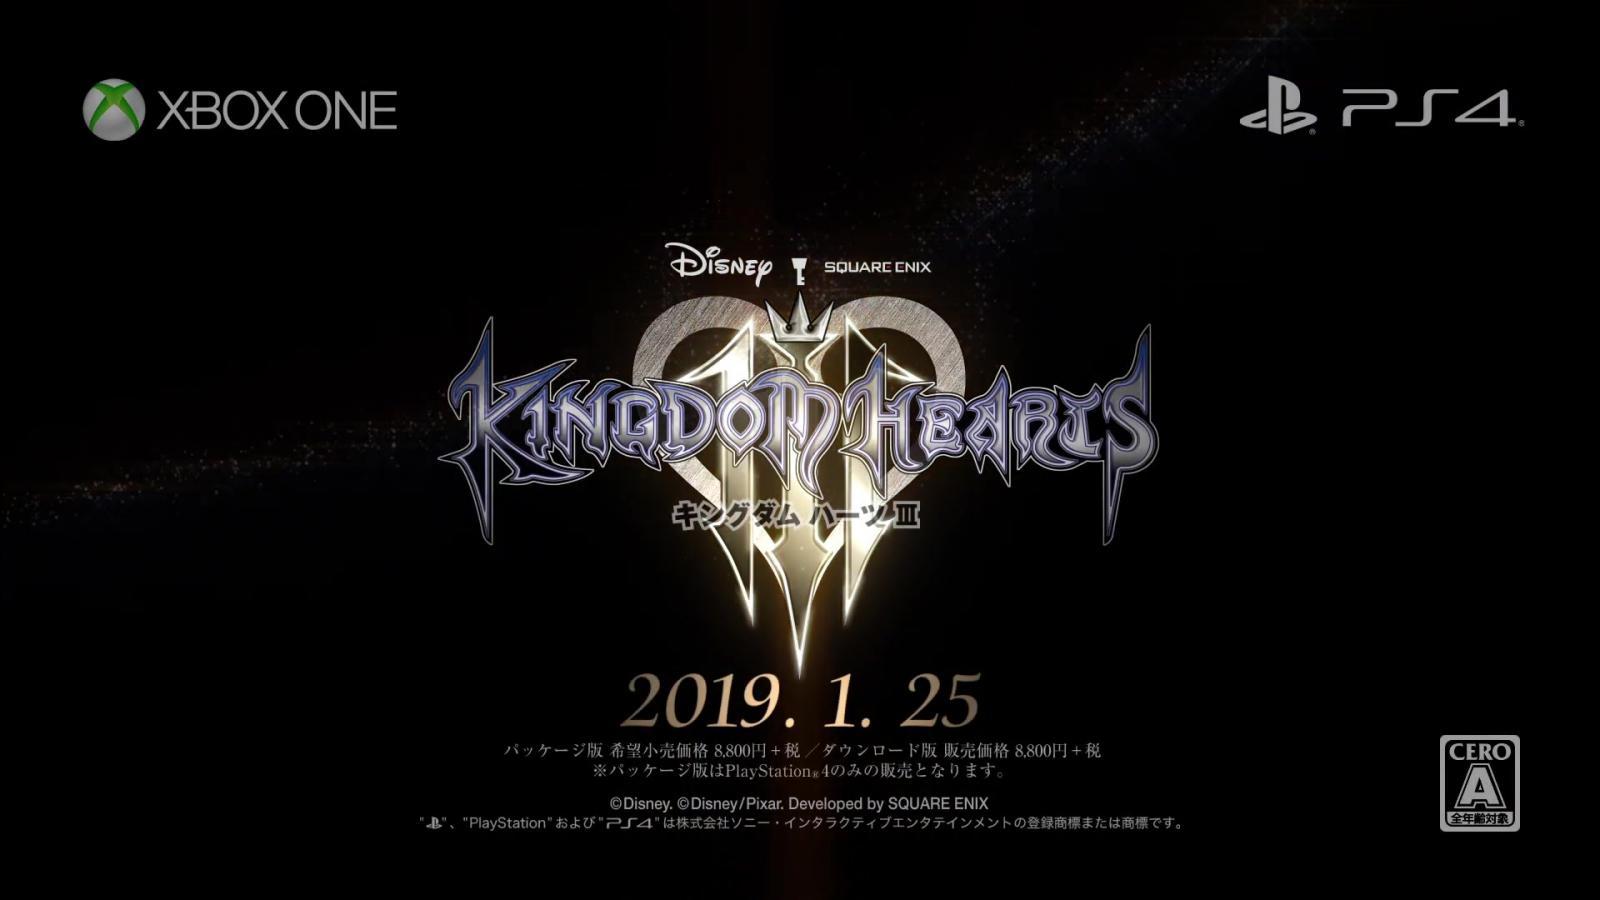 KINGDOM HEARTS III CM 30sec 261.jpg